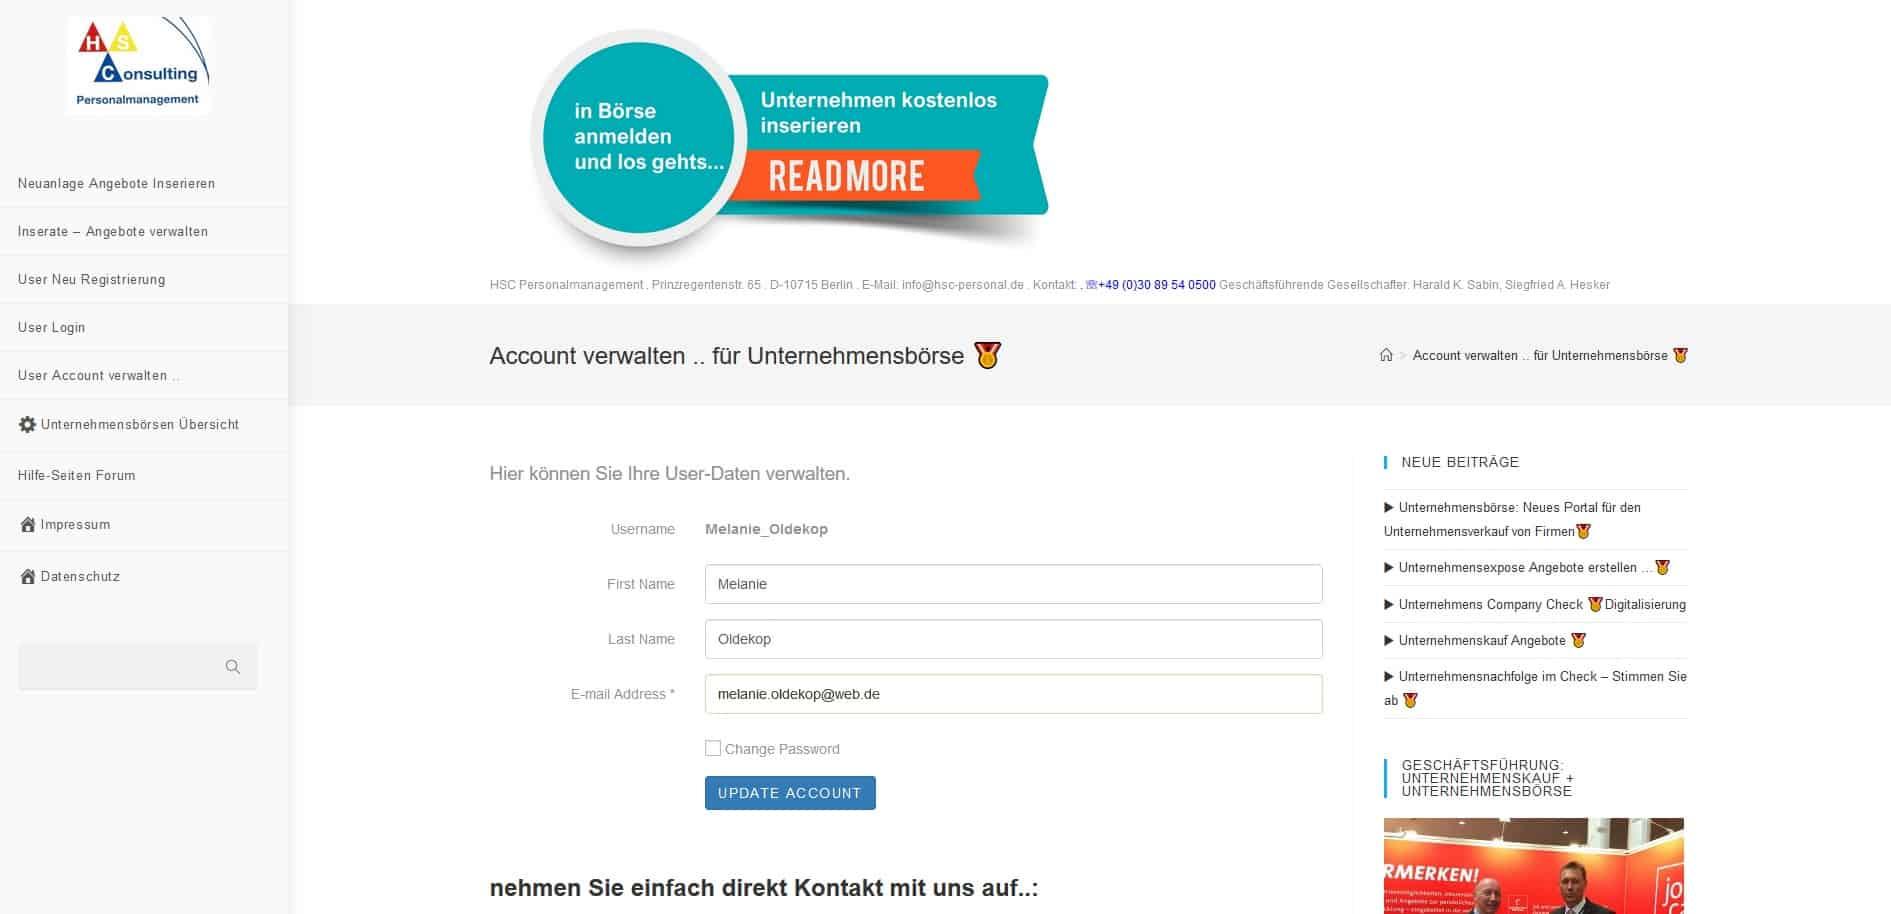 Account verwalten .. für Unternehmensbörse (!)